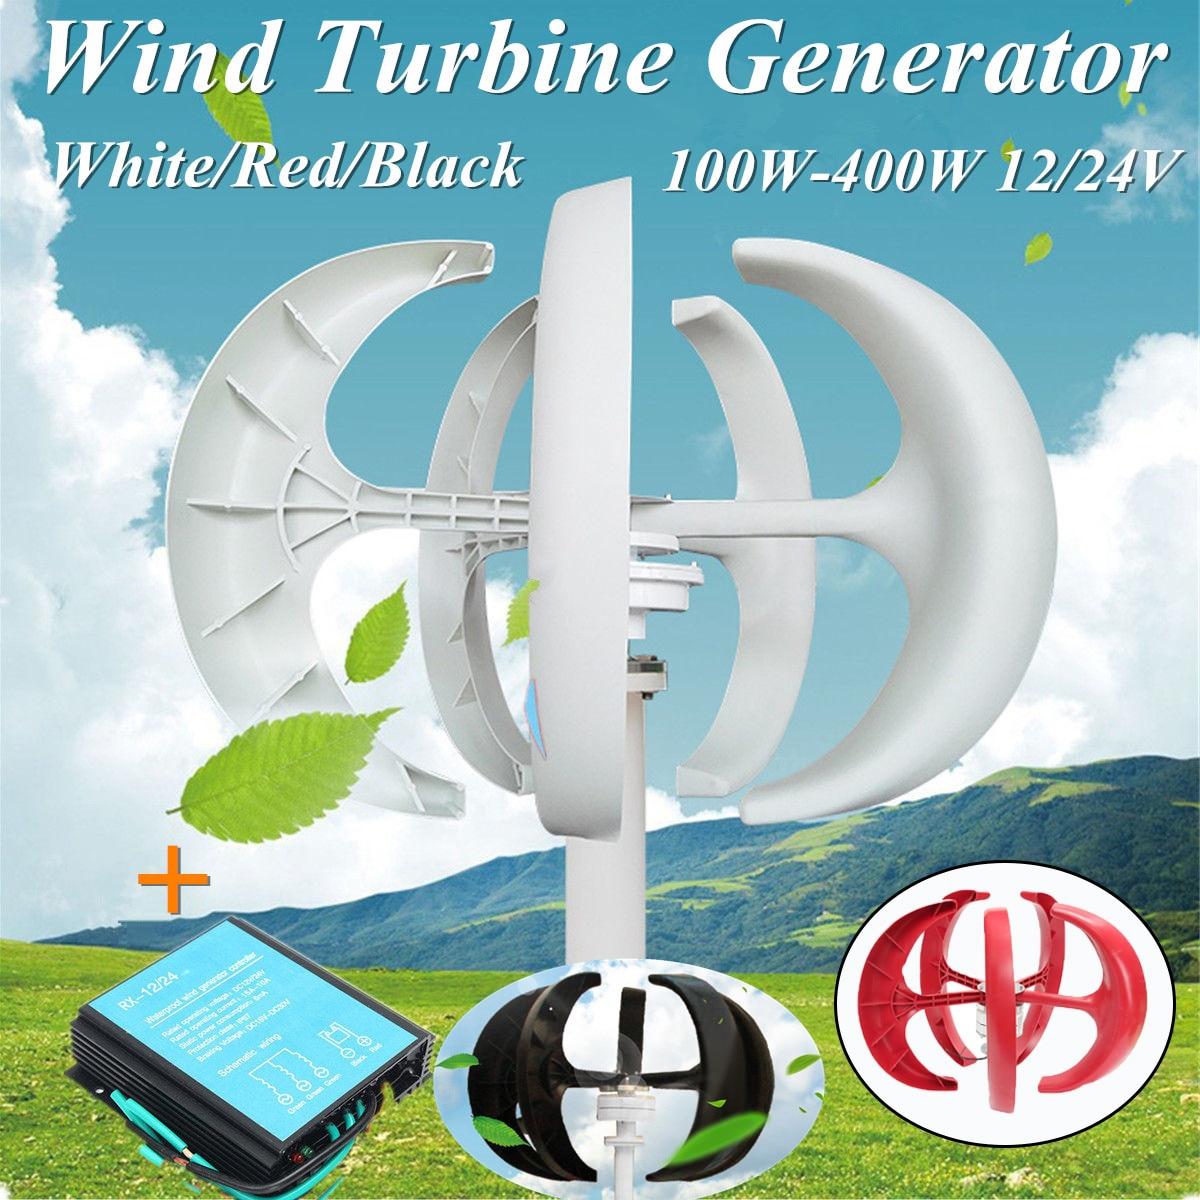 100 W/200 W/300 W/400 W Lanterne Vent Turbine Générateur DC 12 V/24 V Vent Puissance Aimant Permanent Générateur 600 W Vent Contrôleur de L'énergie